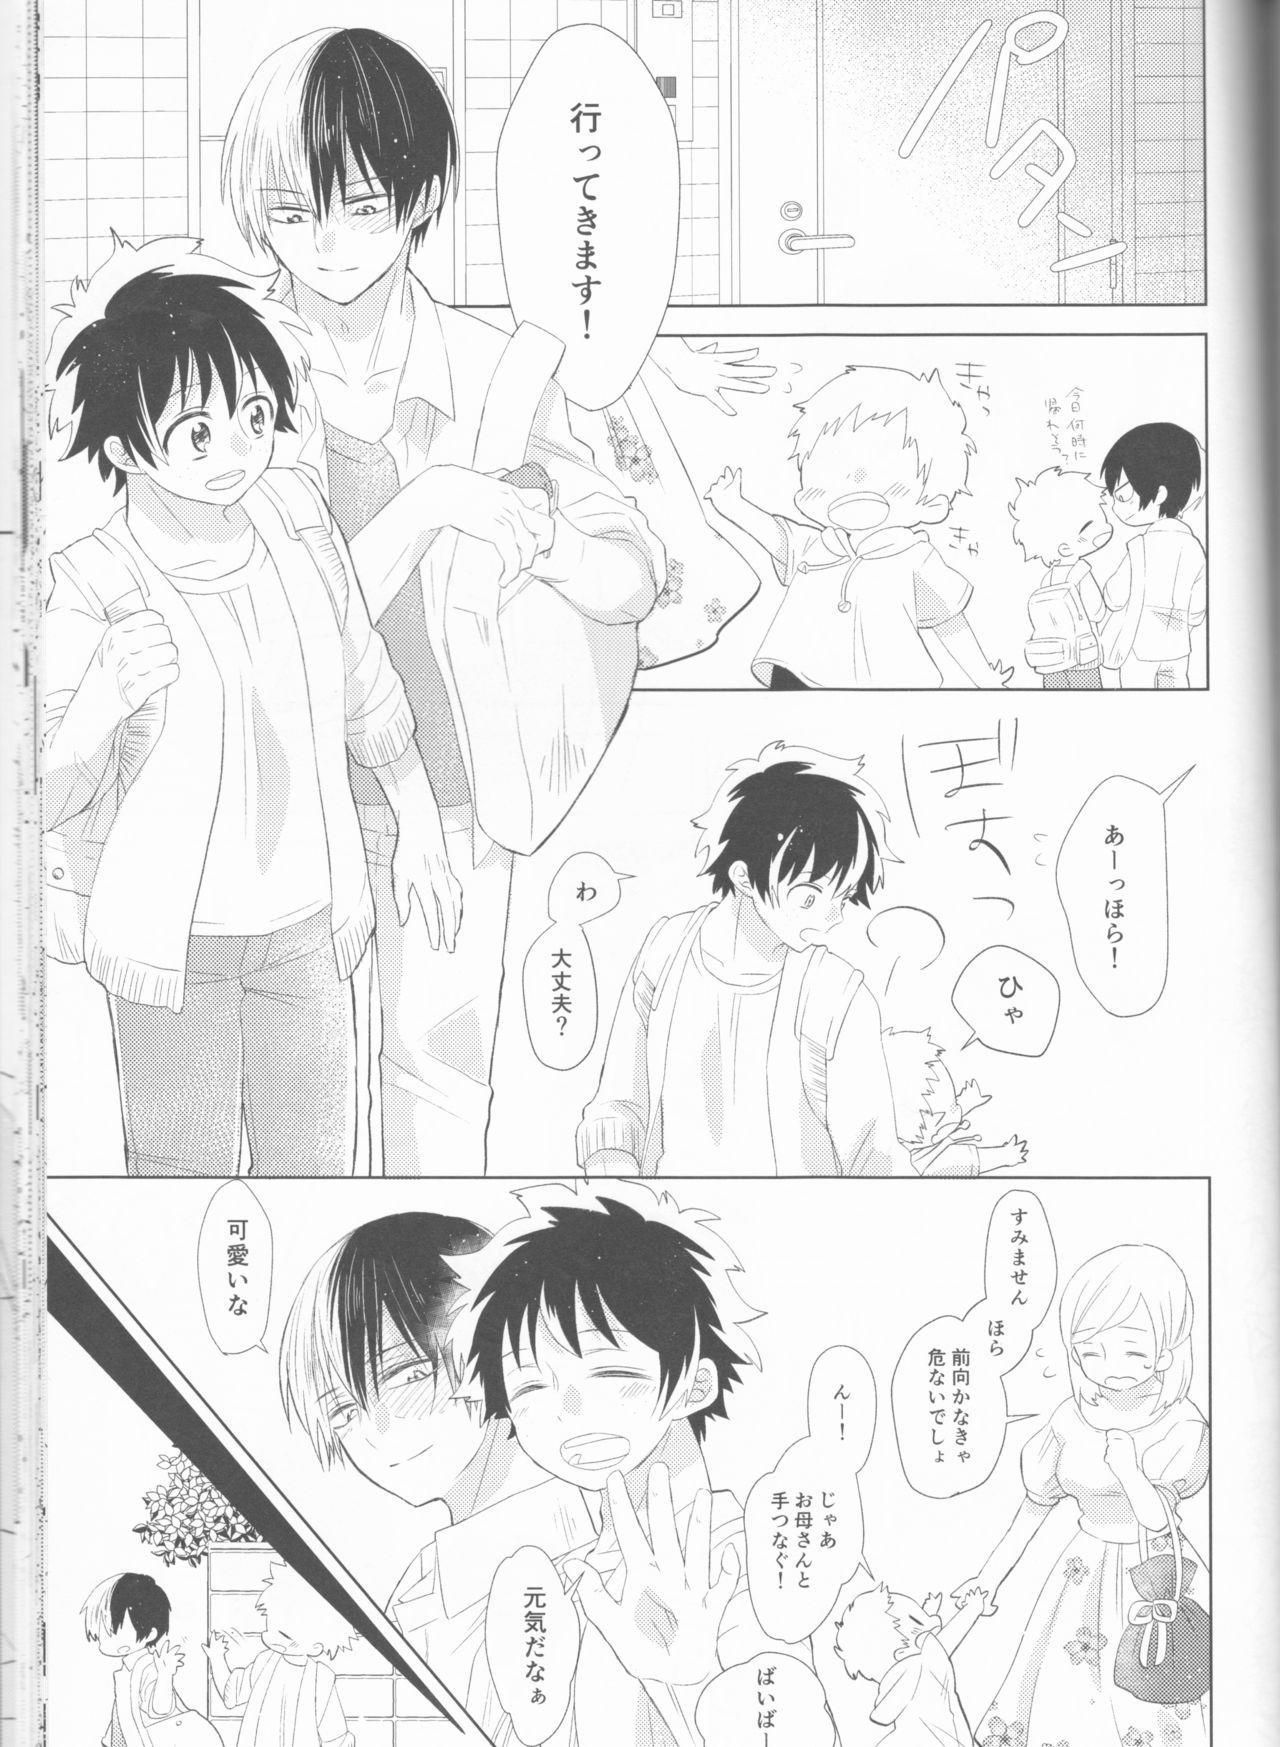 Sangatsu Usagi no Himegoto 1